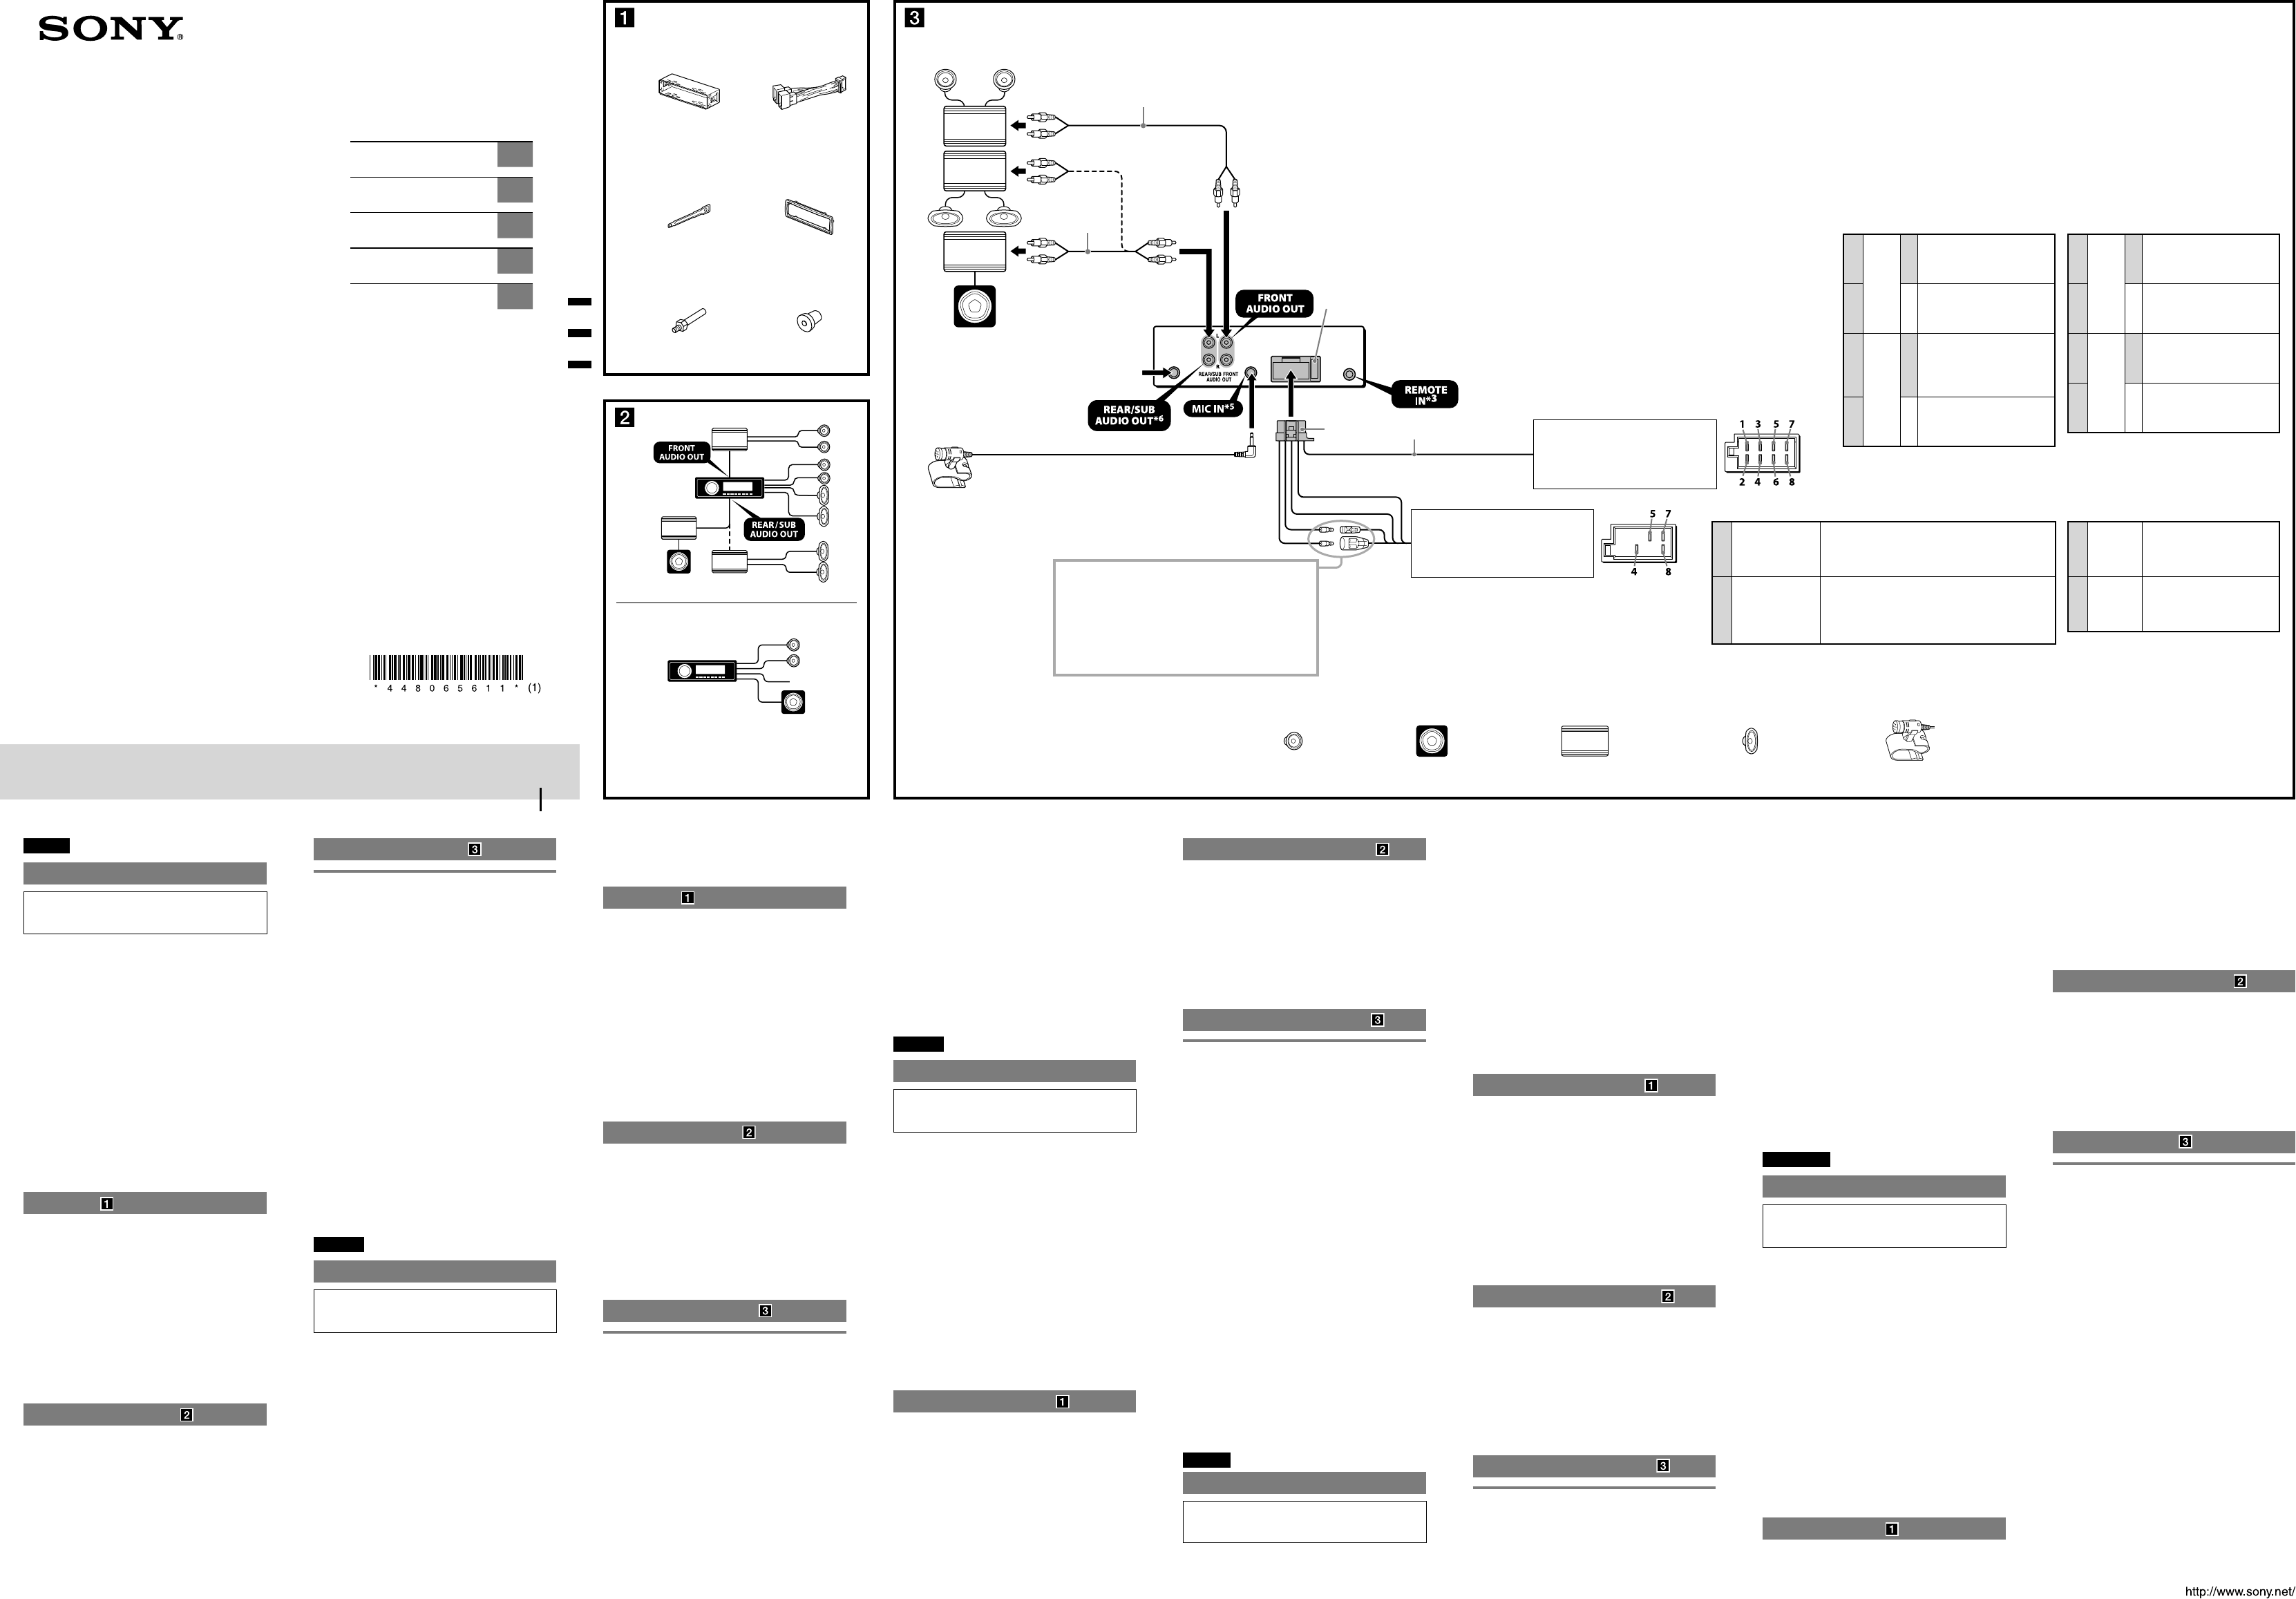 Ausgezeichnet Sony Autoradio Schaltplan Galerie - Elektrische ...